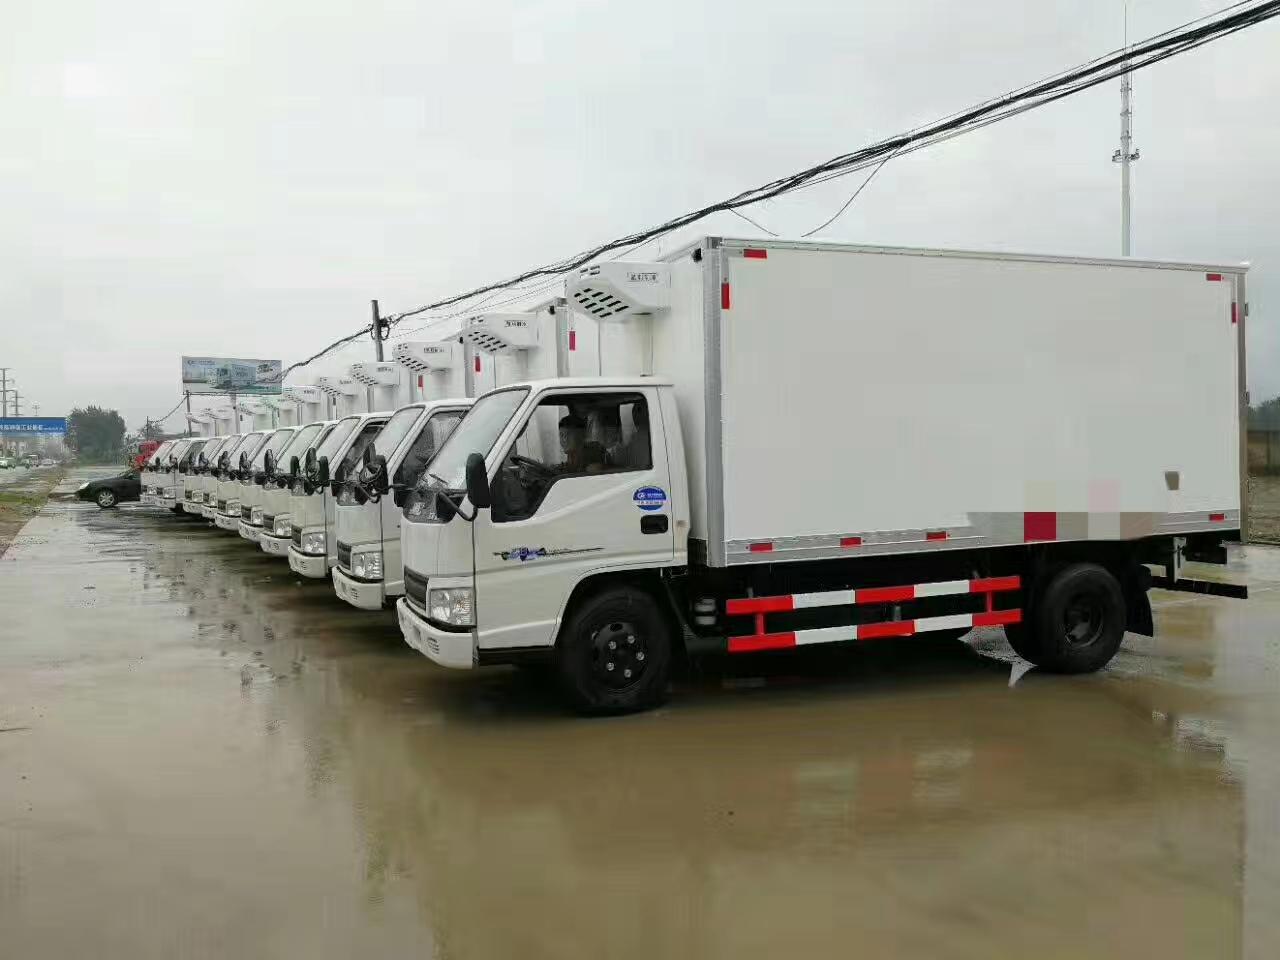 东莞大型运输公司采购28台江铃冷藏车